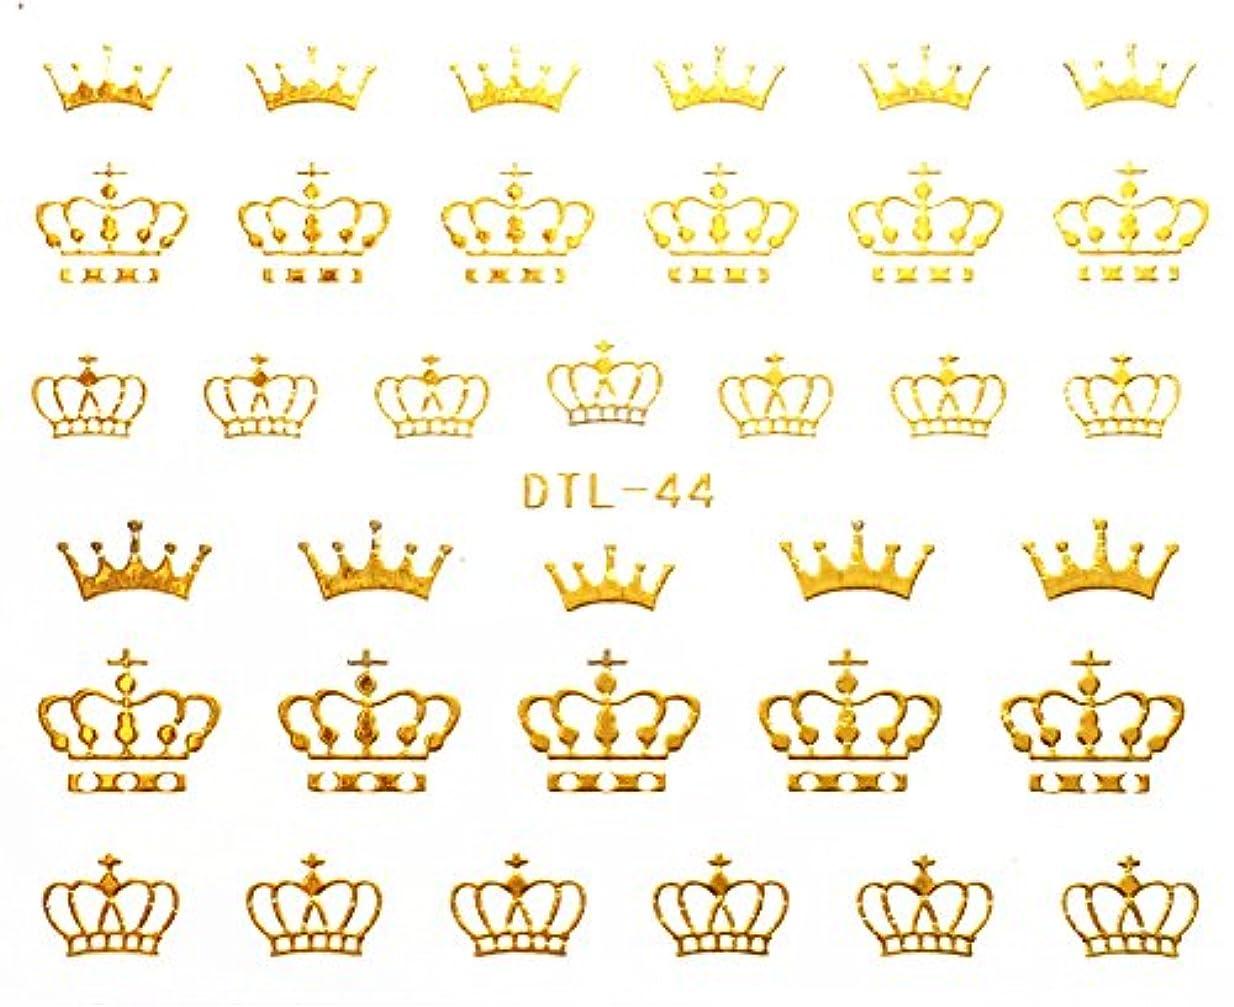 洞察力のある礼儀ほかにネイルアート3Dデカルステッカー ネイルステッカータトゥー ネイル用シール?ステッカー 王冠 - DTL044 - StickerCollection